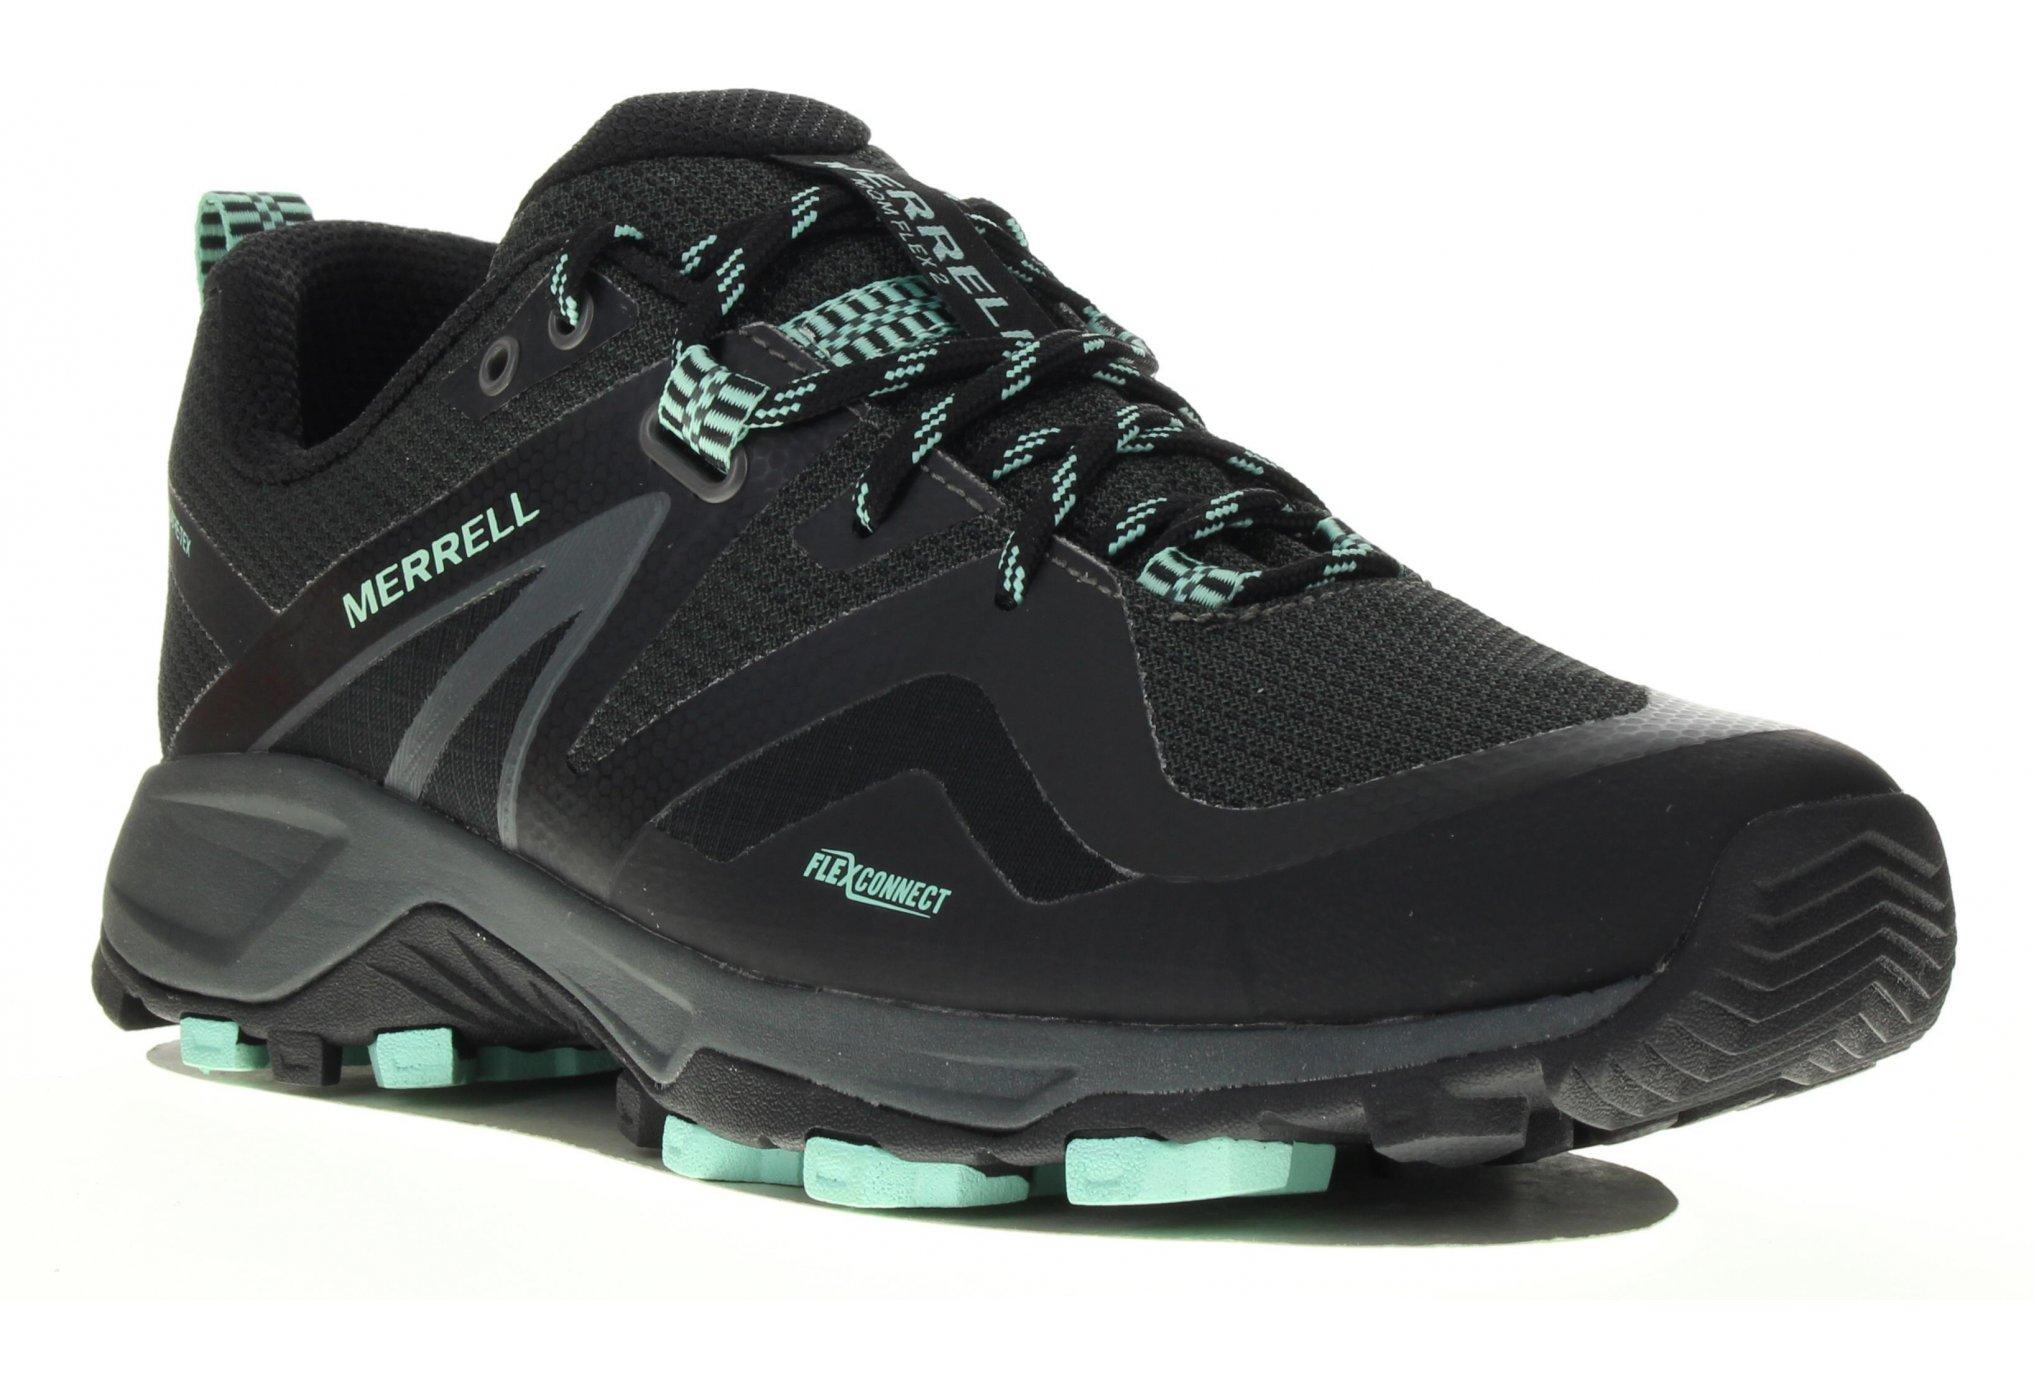 Merrell MQM Flex 2 Gore-Tex Chaussures running femme